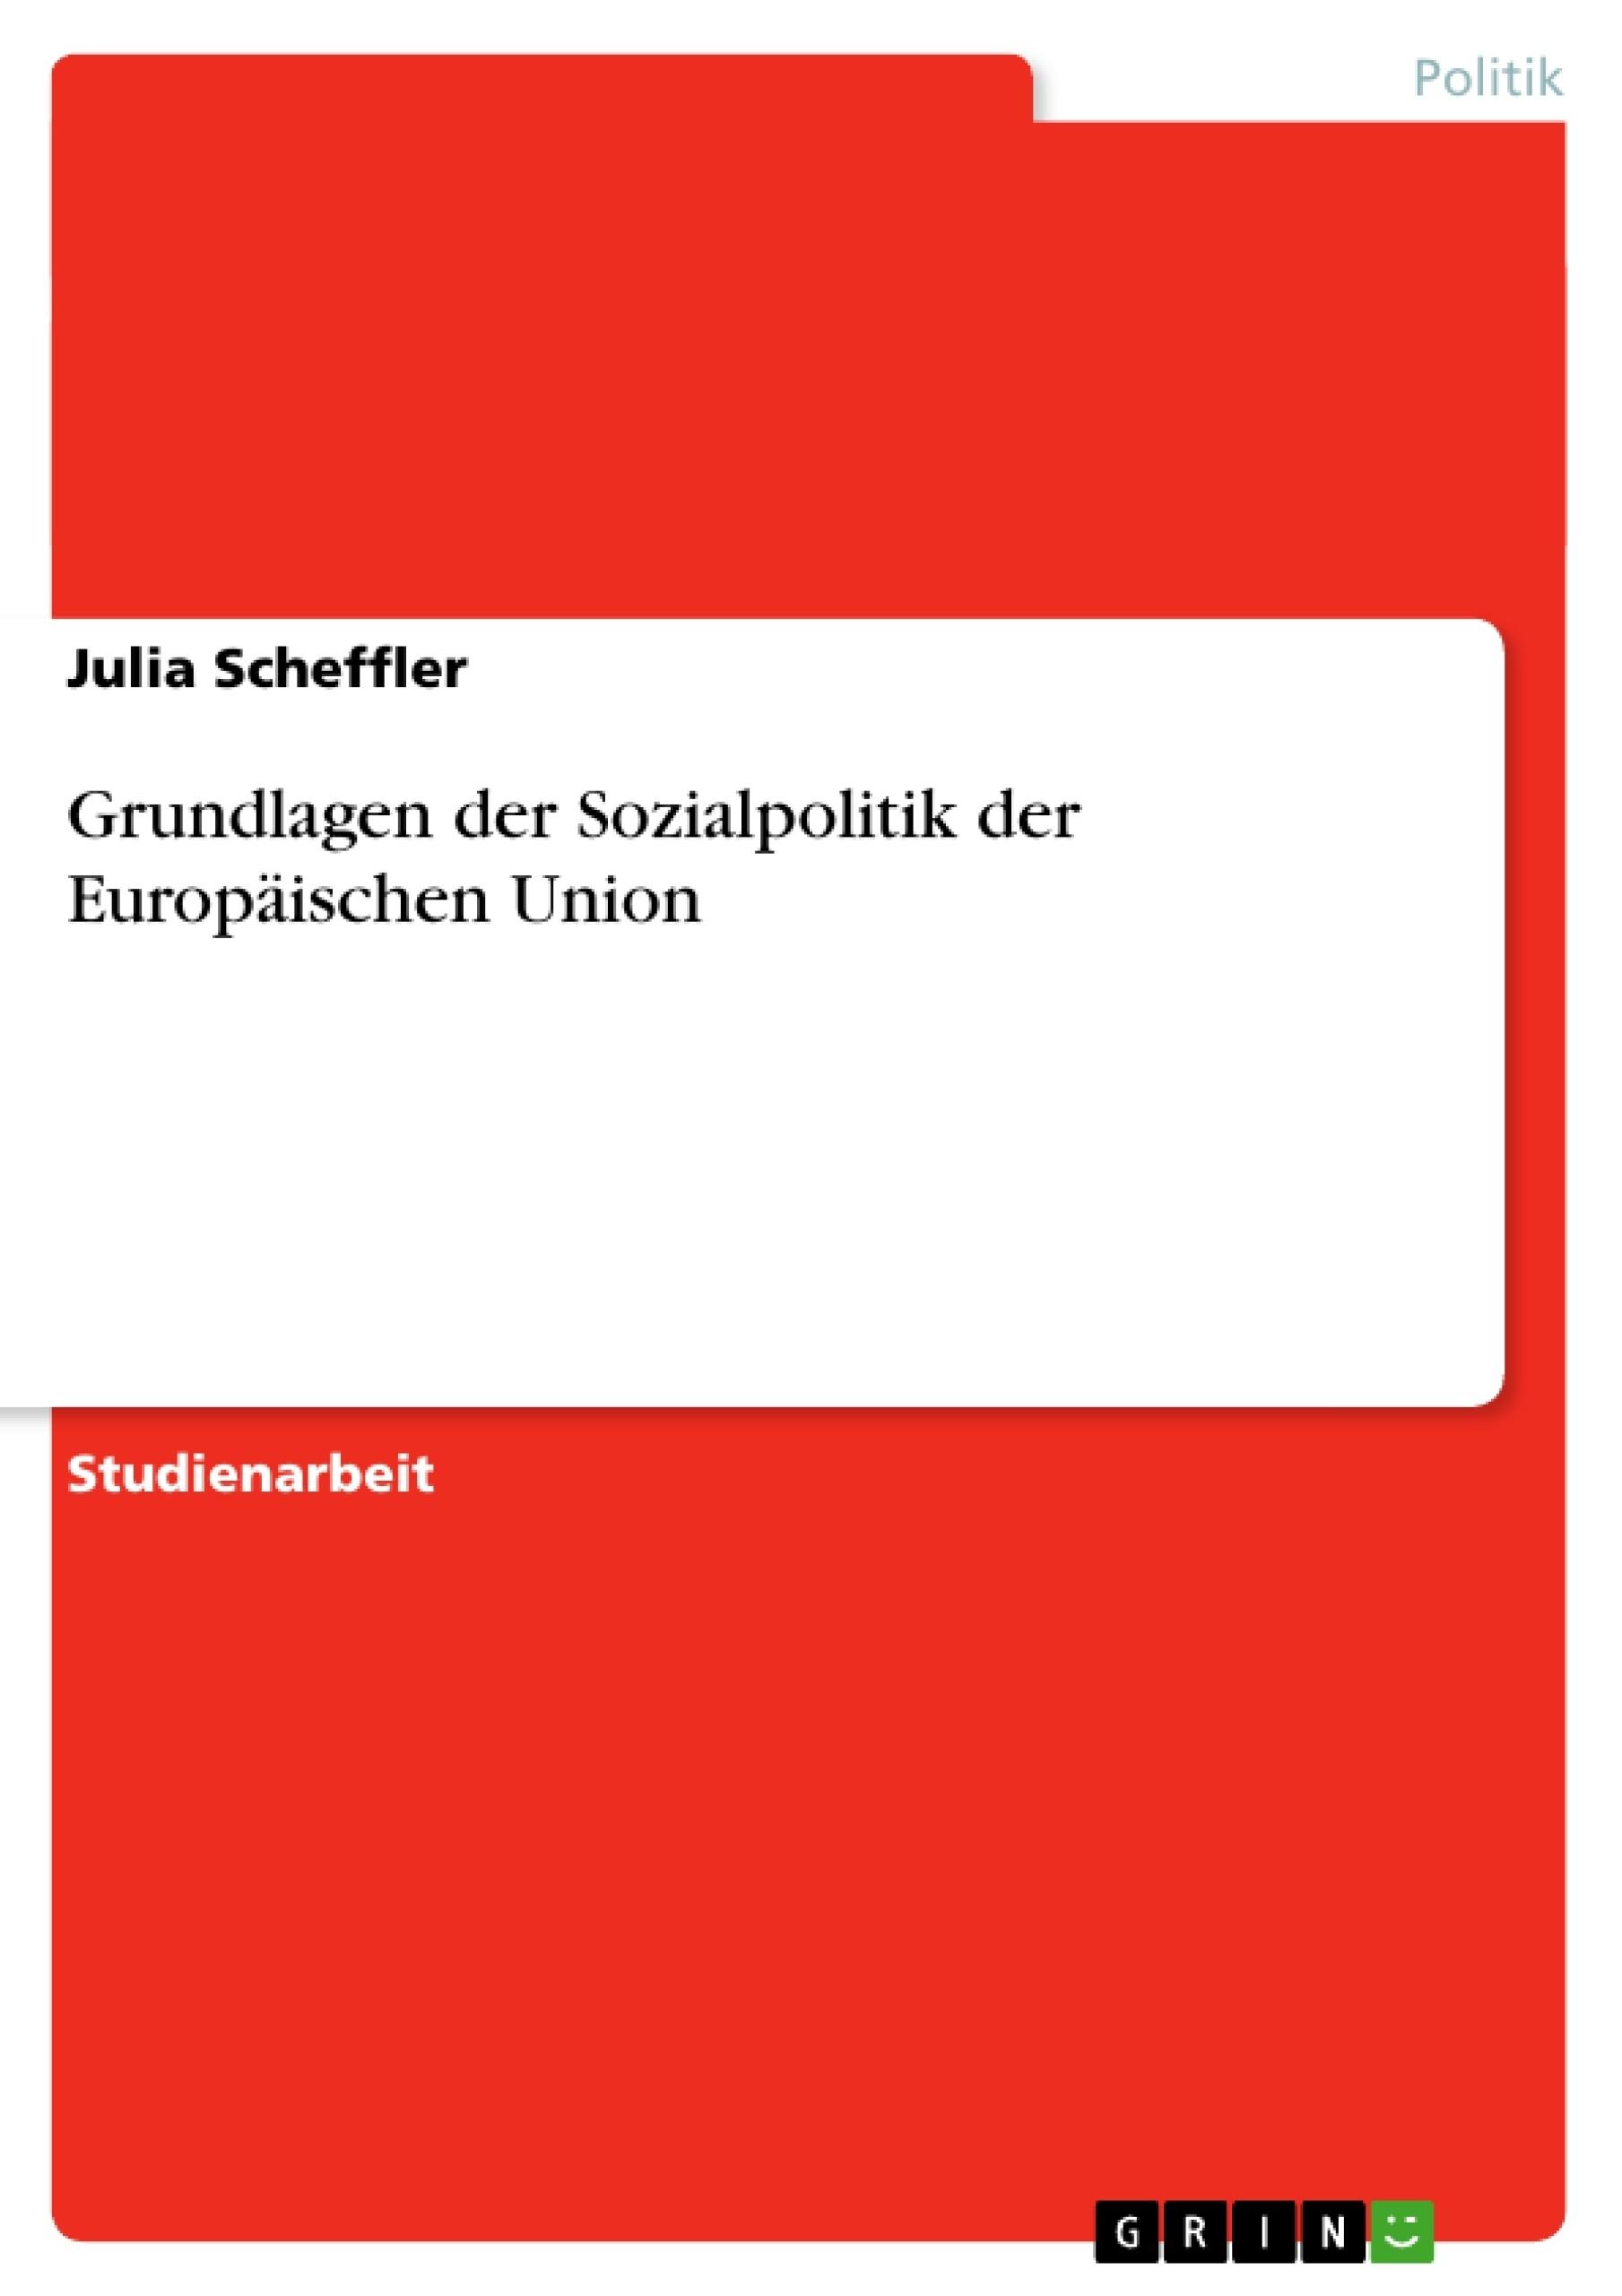 Titel: Grundlagen der Sozialpolitik der Europäischen Union